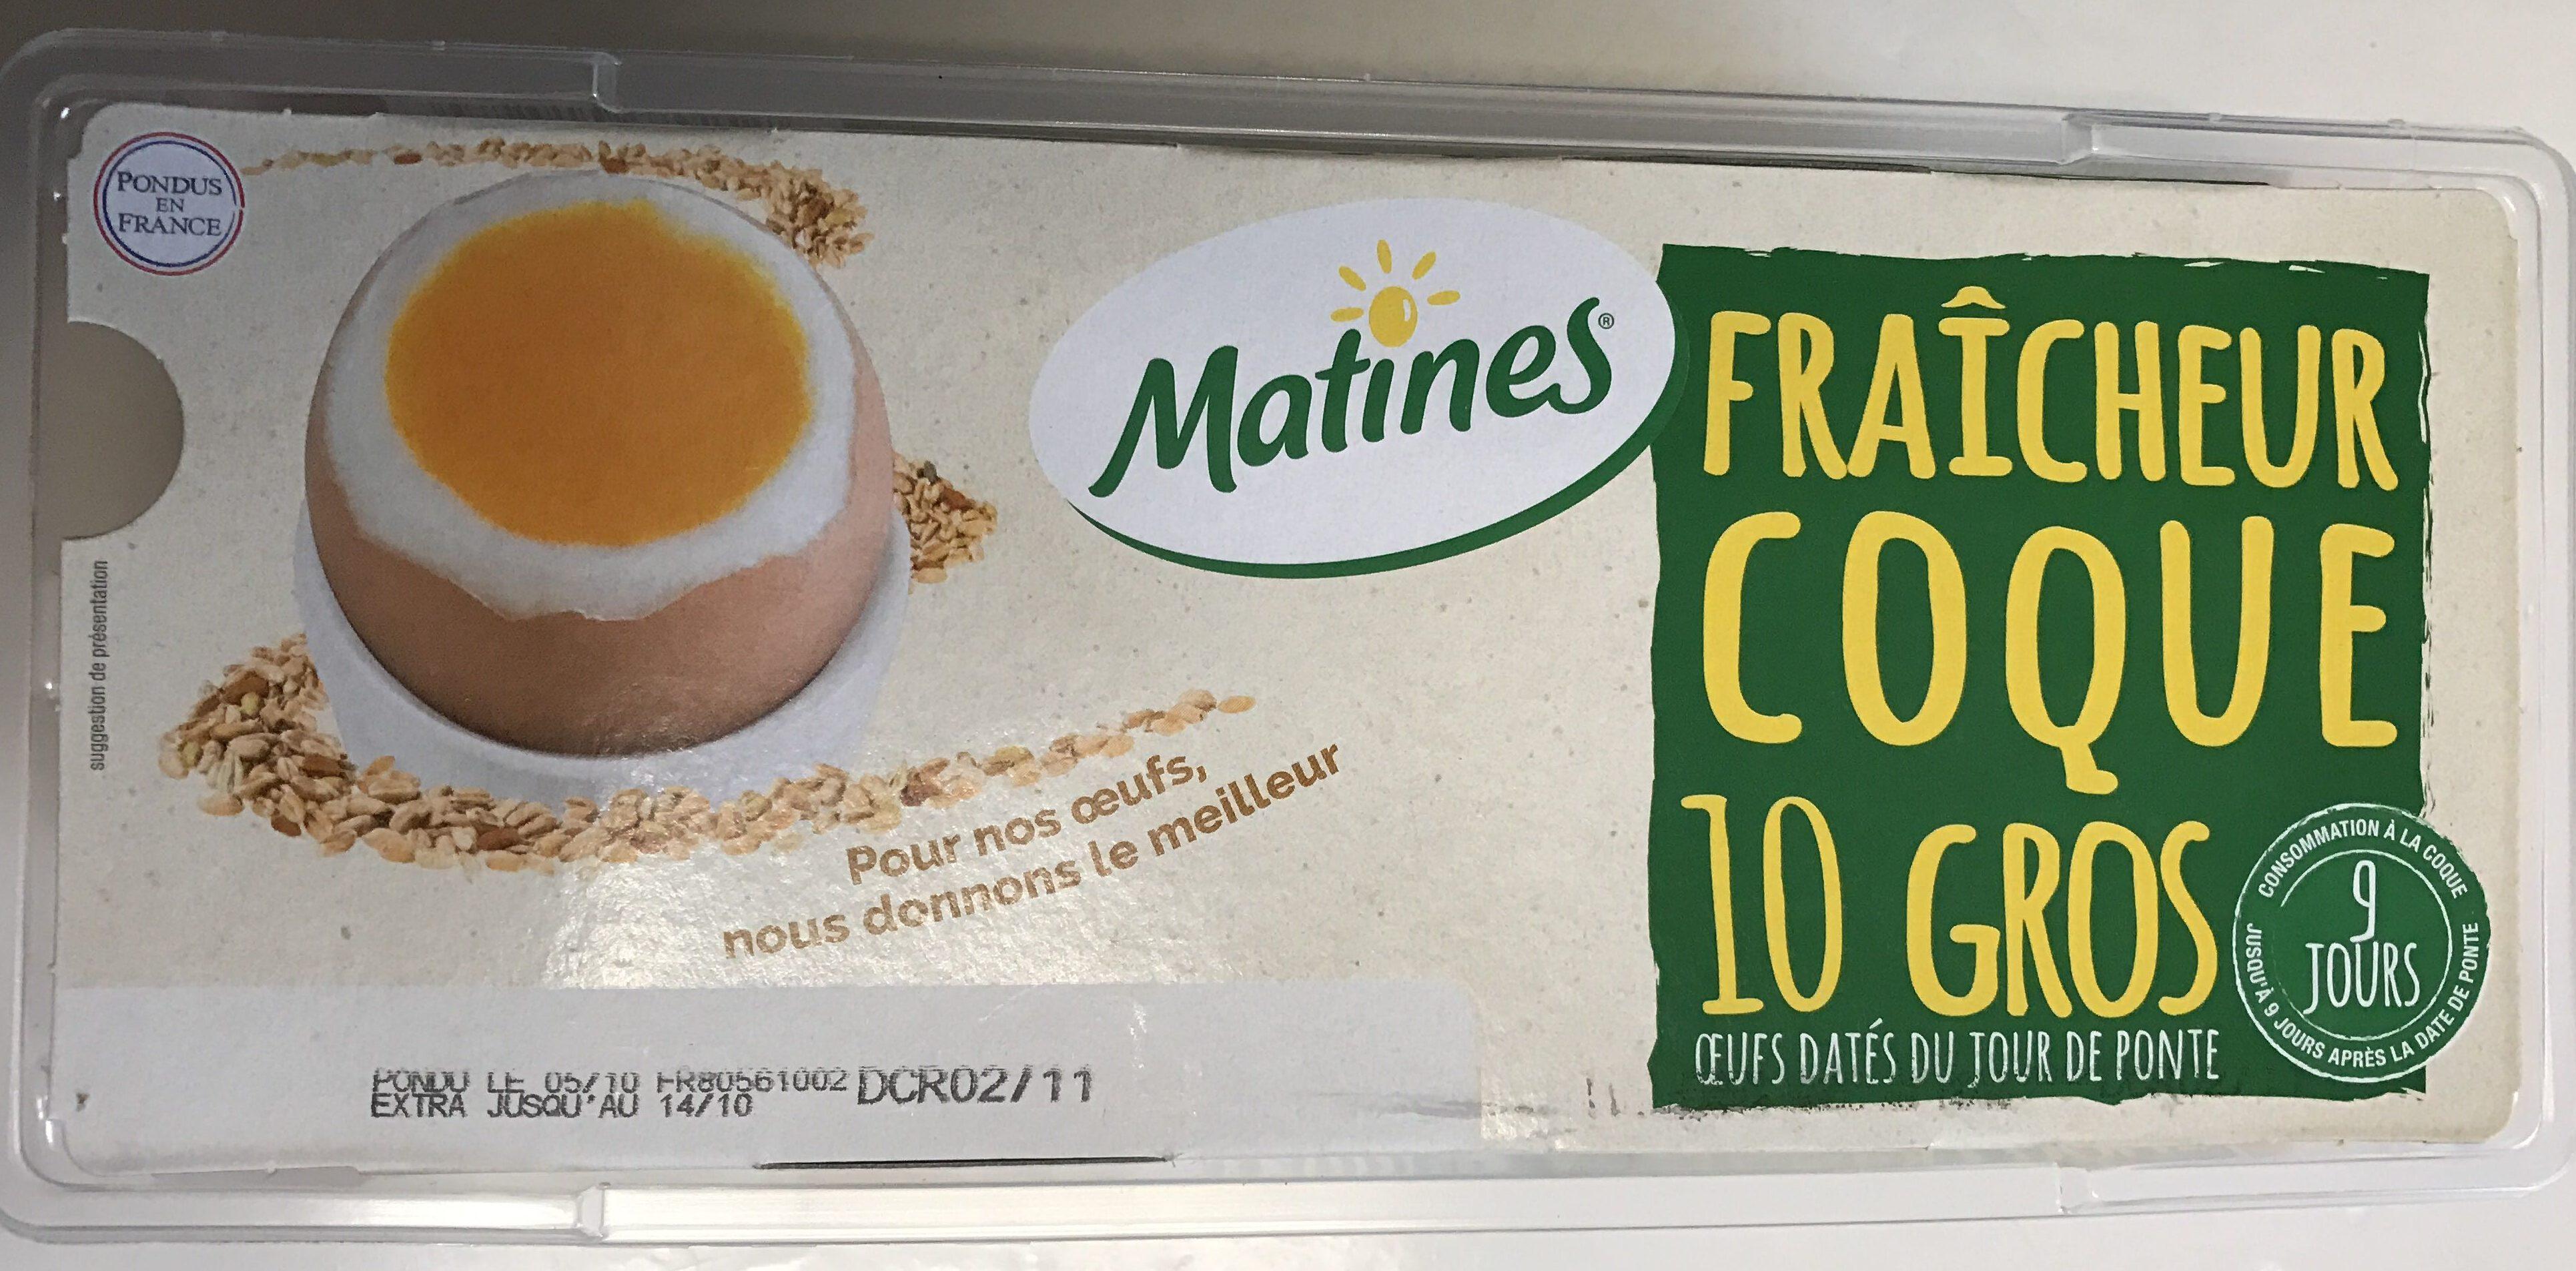 Fraîcheur Coque Gros - Product - fr